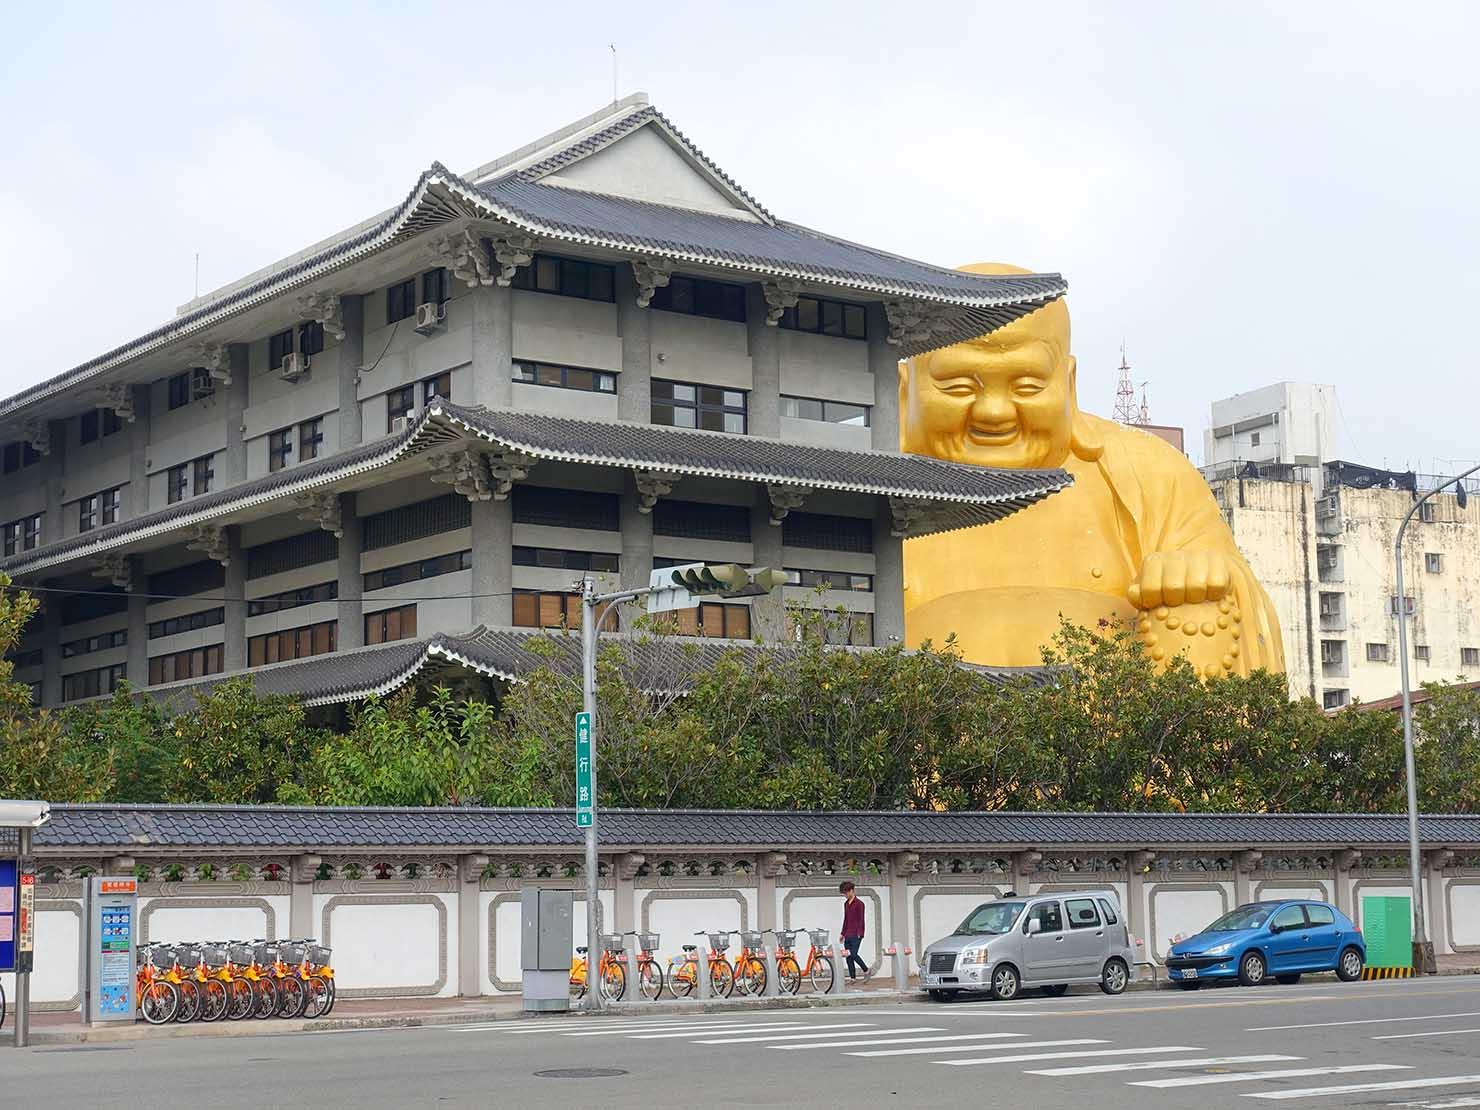 台中観光のおすすめスポット「寶覺寺」の遠景